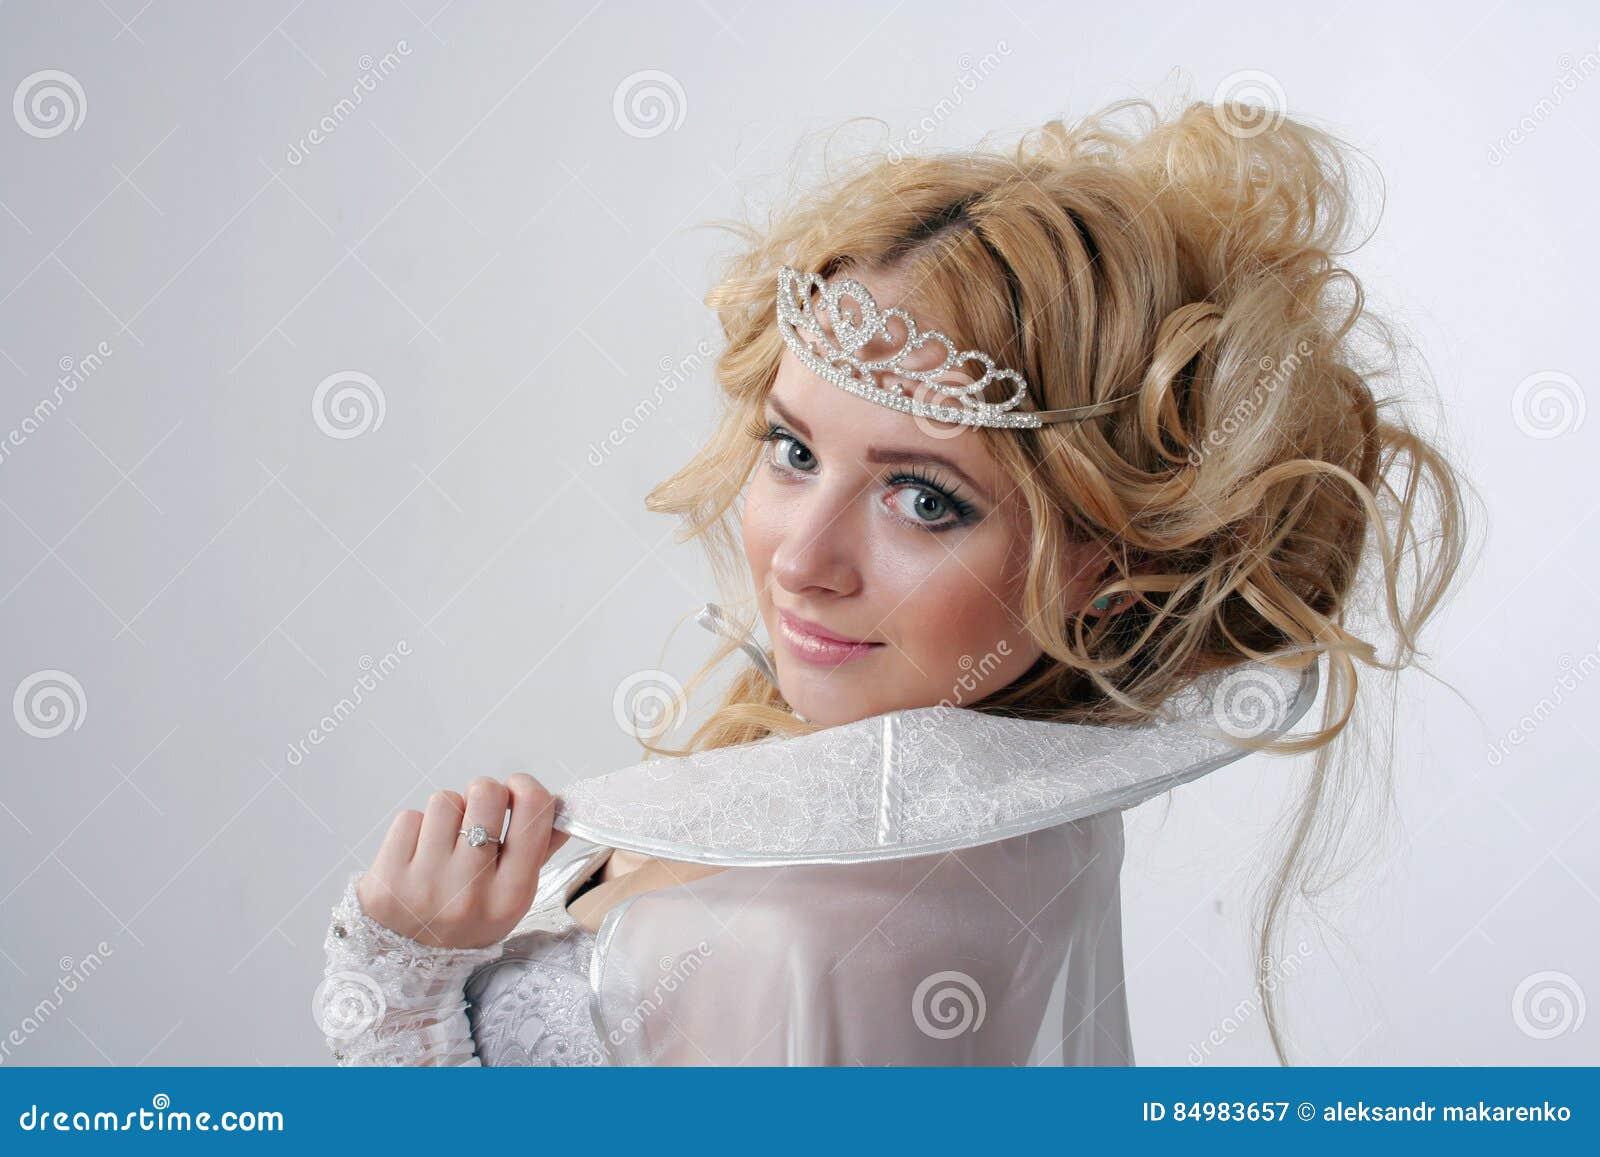 девушки сочные фото